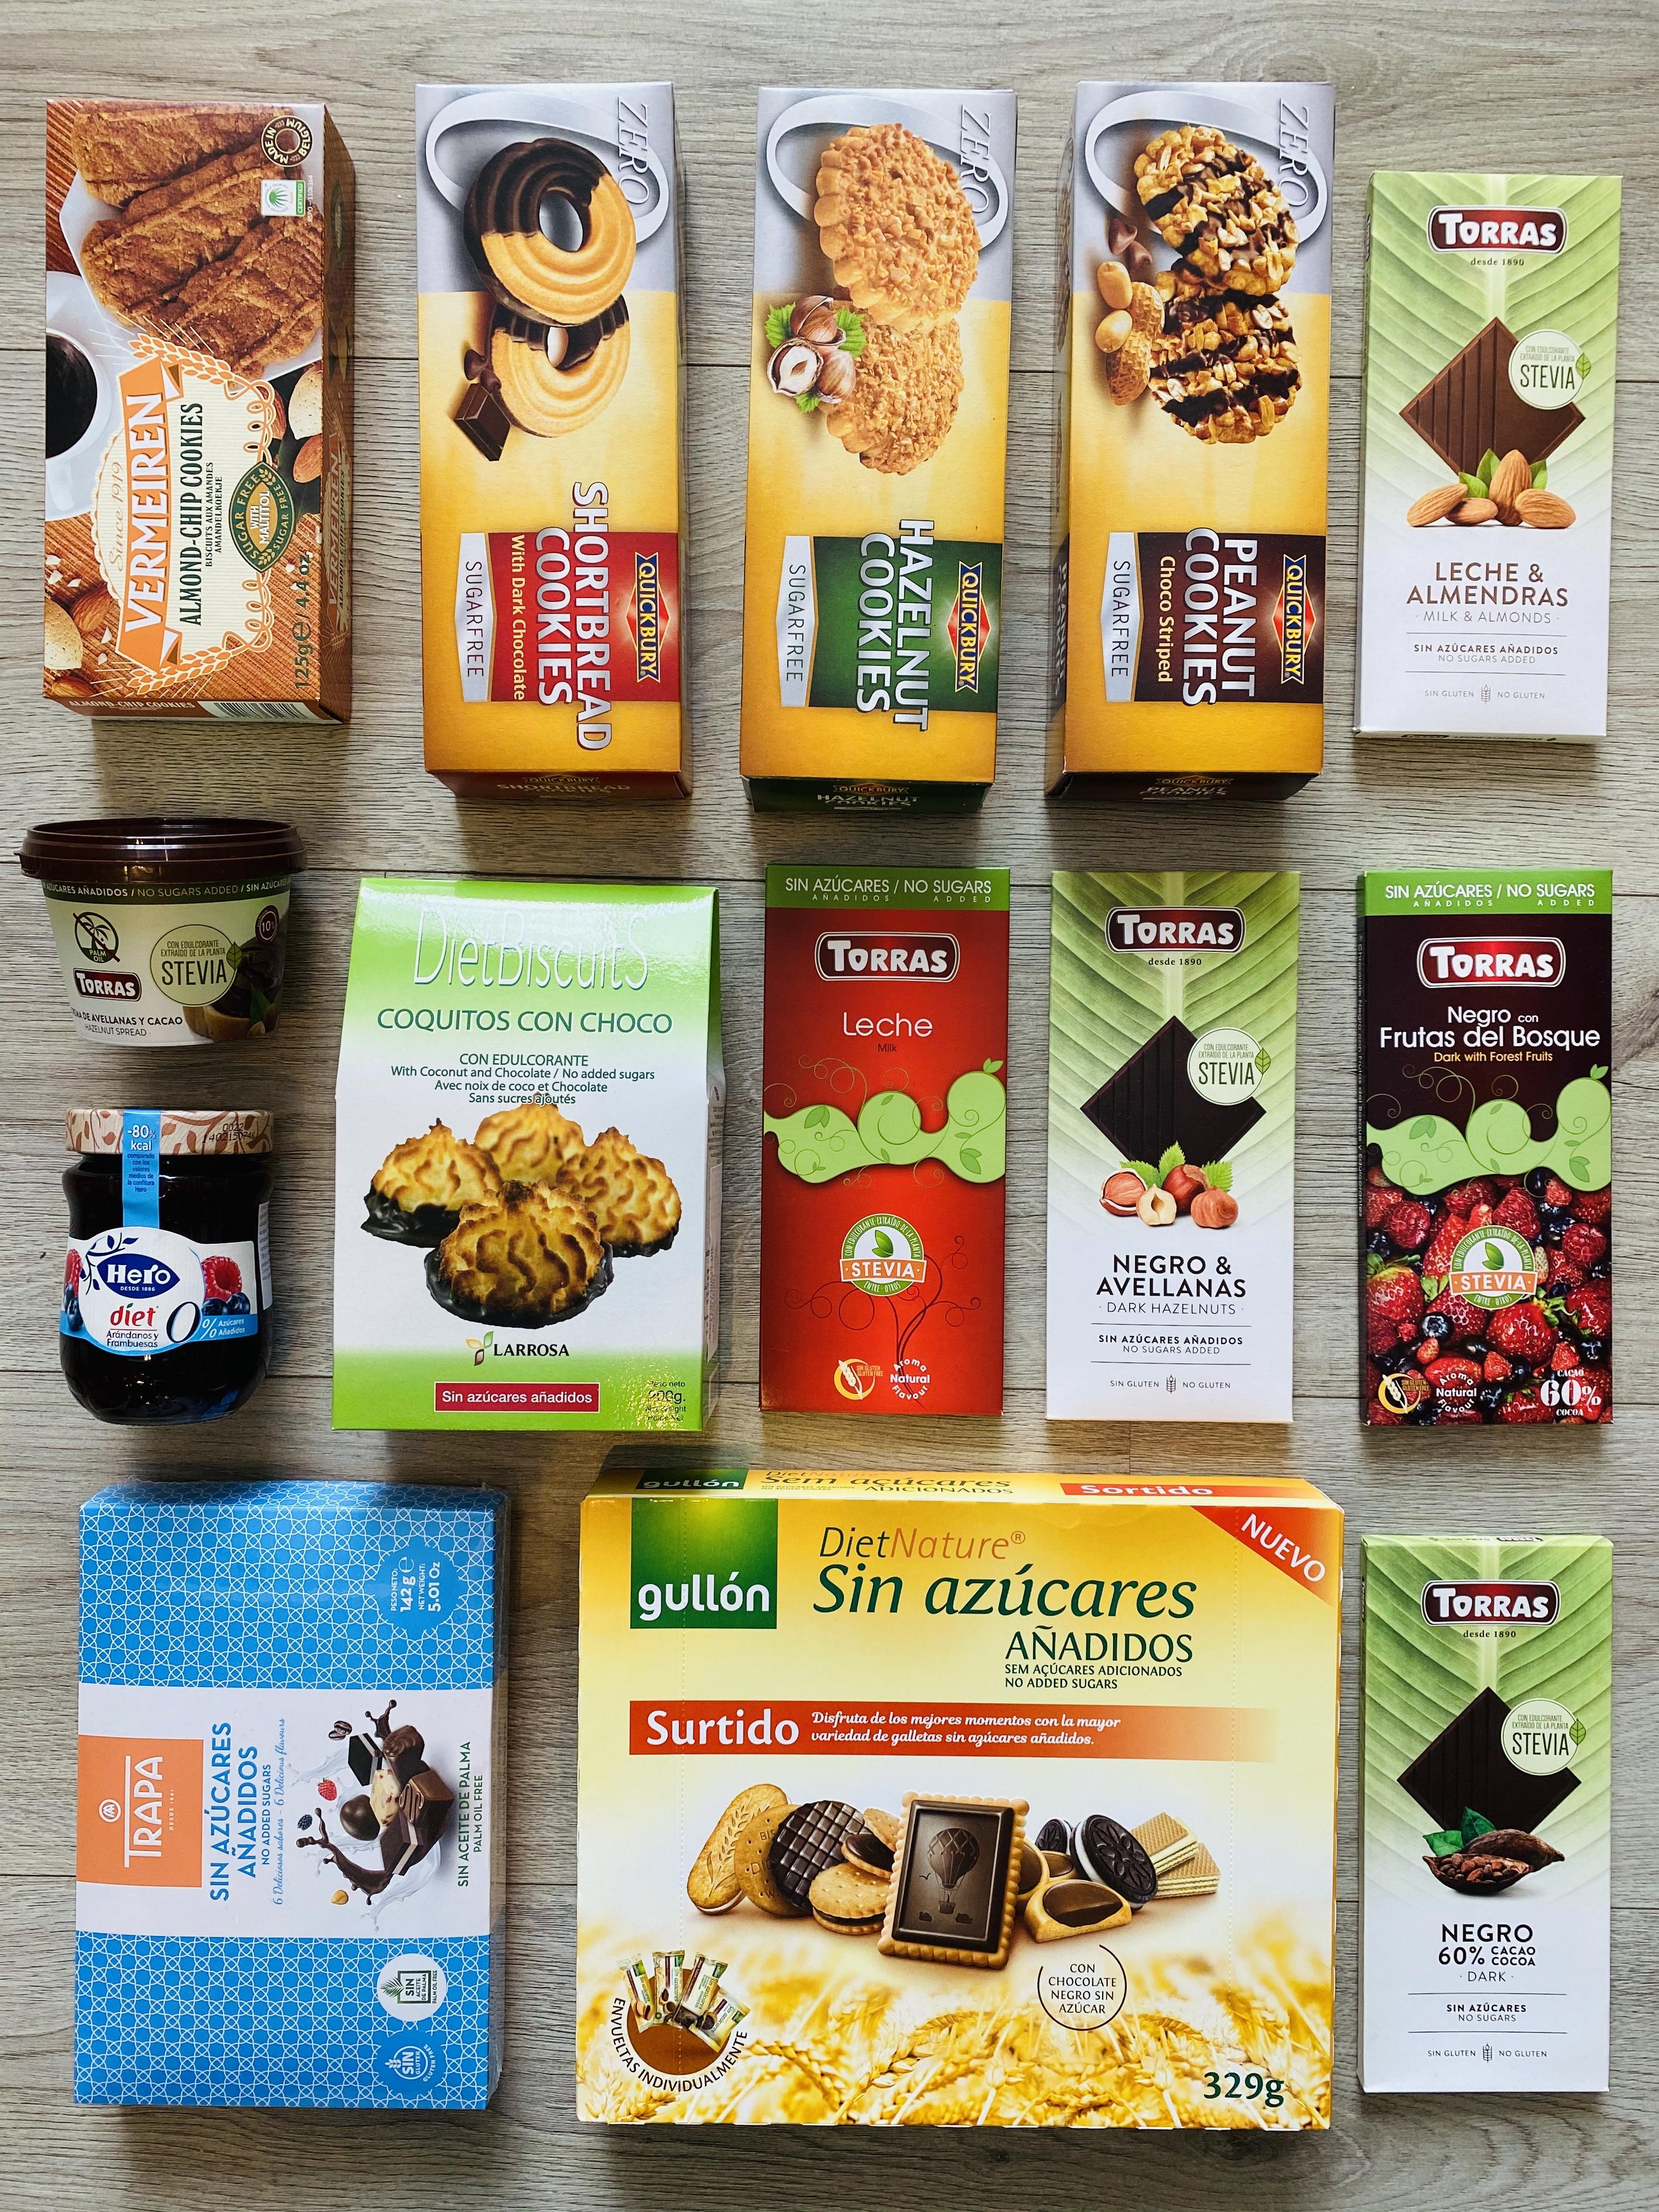 Groothandel, ditsributeur  en leverancier suikervrije dieetproducten